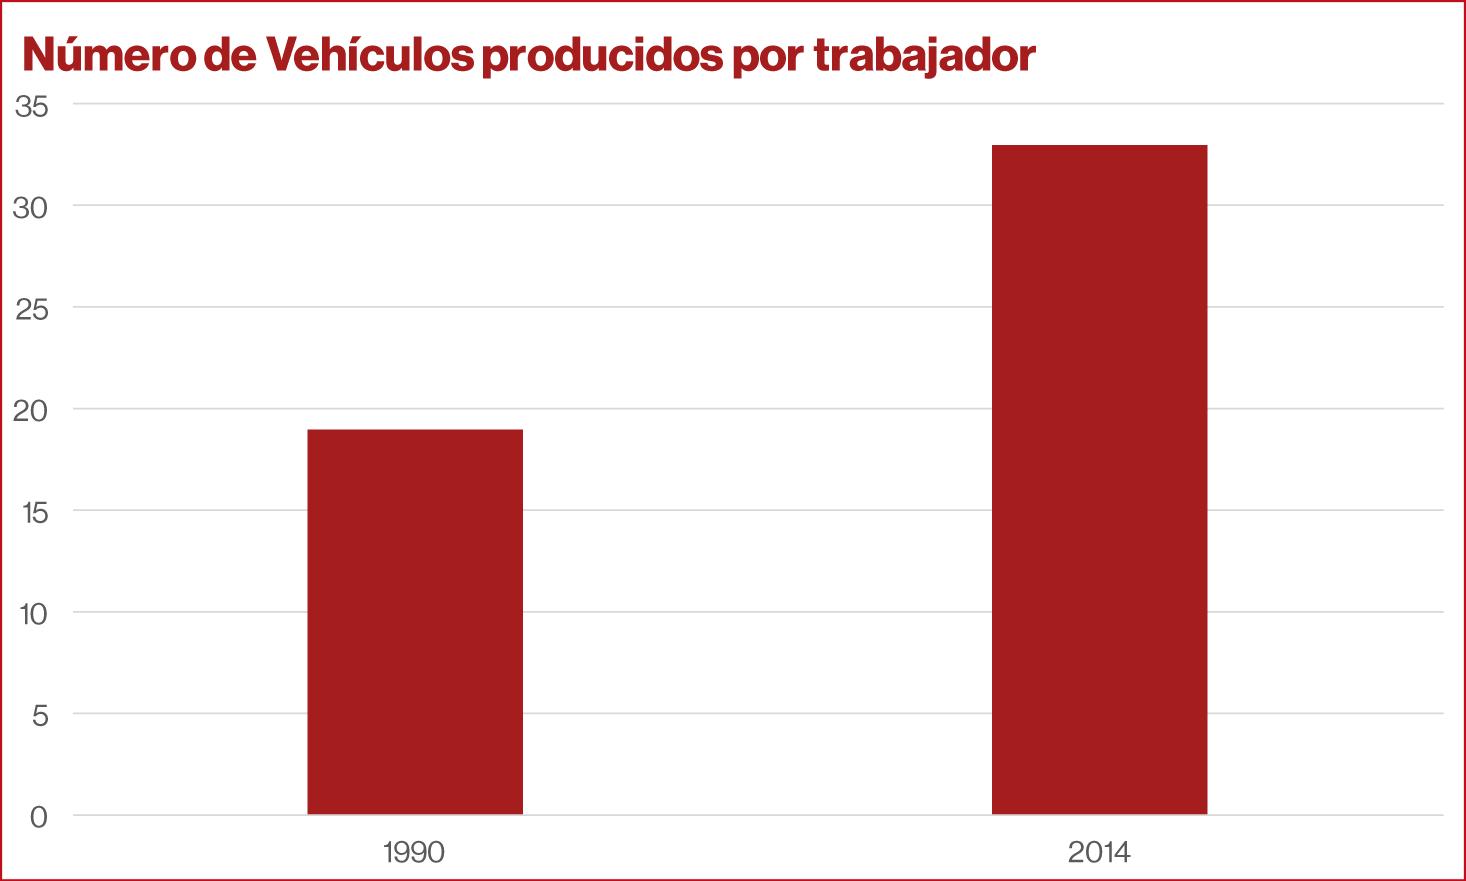 Número de vehículos producidos por trabajador